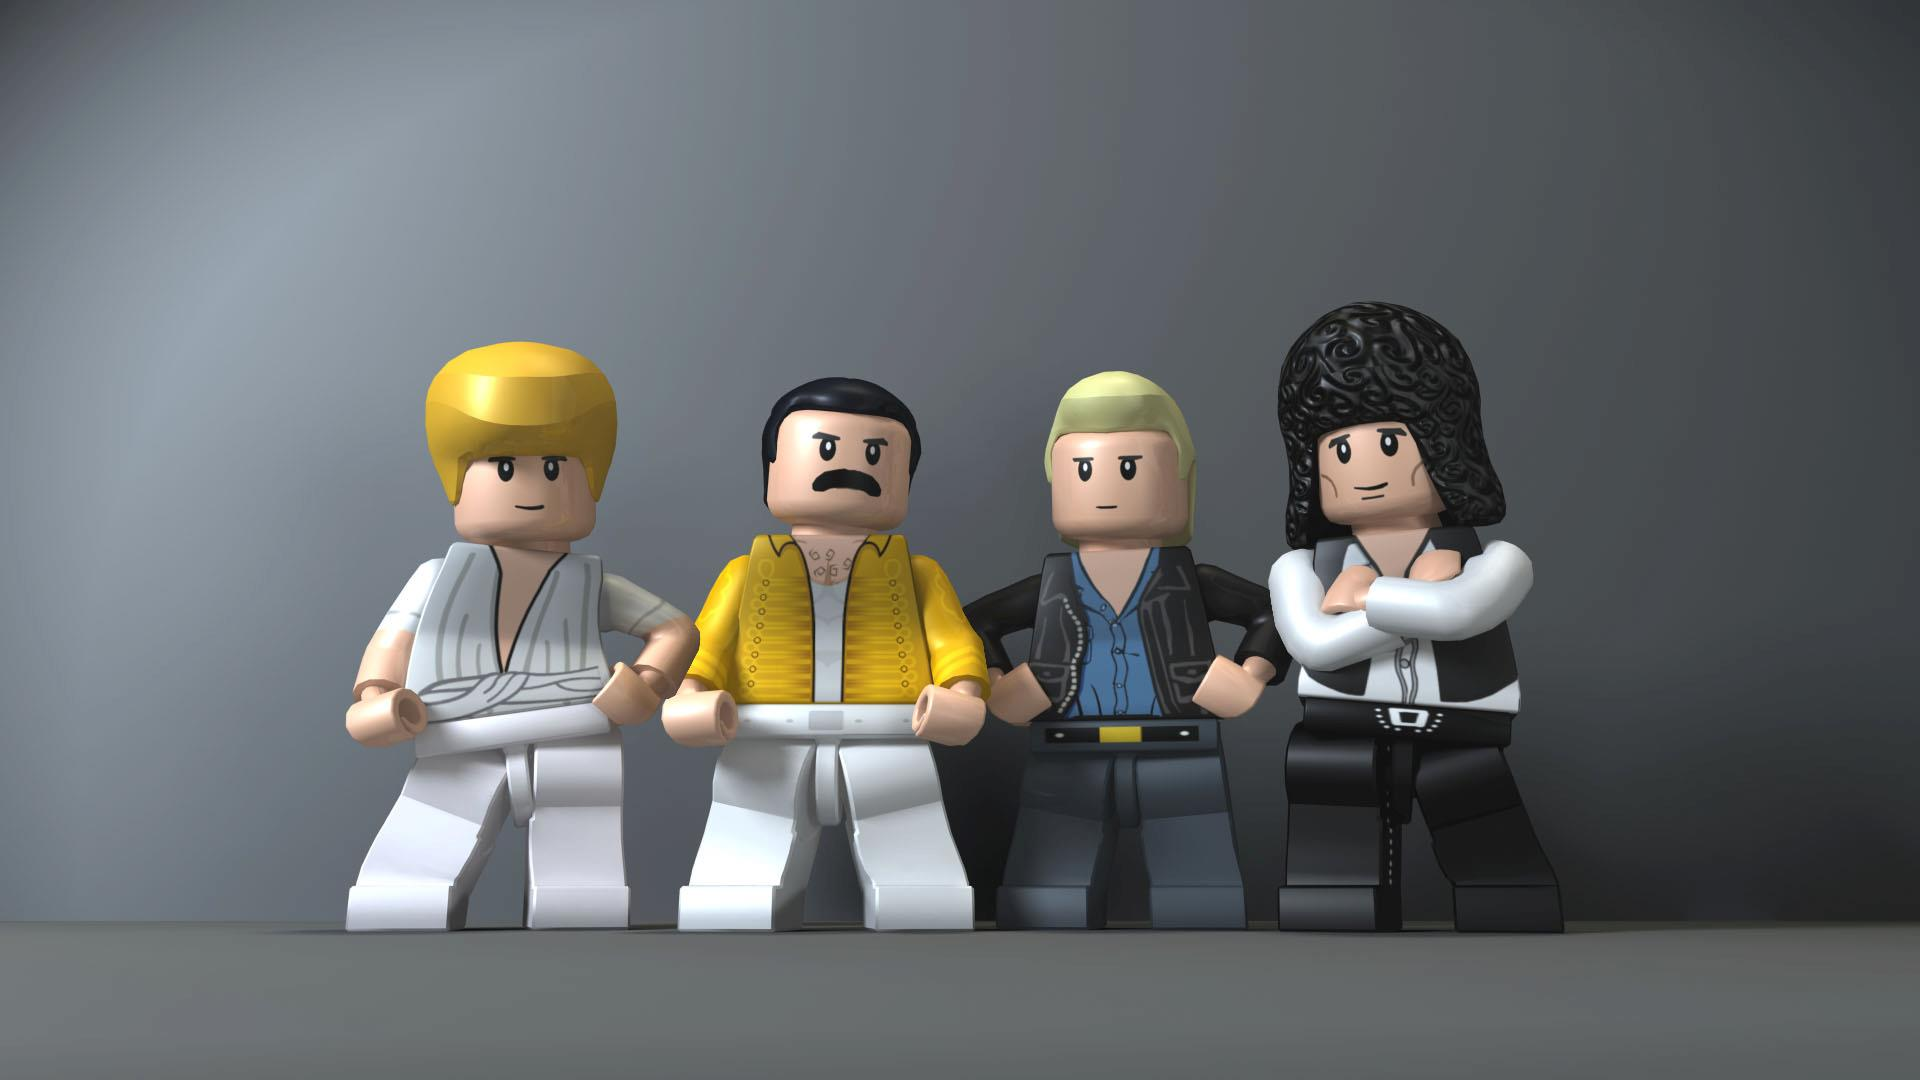 Queen Lego